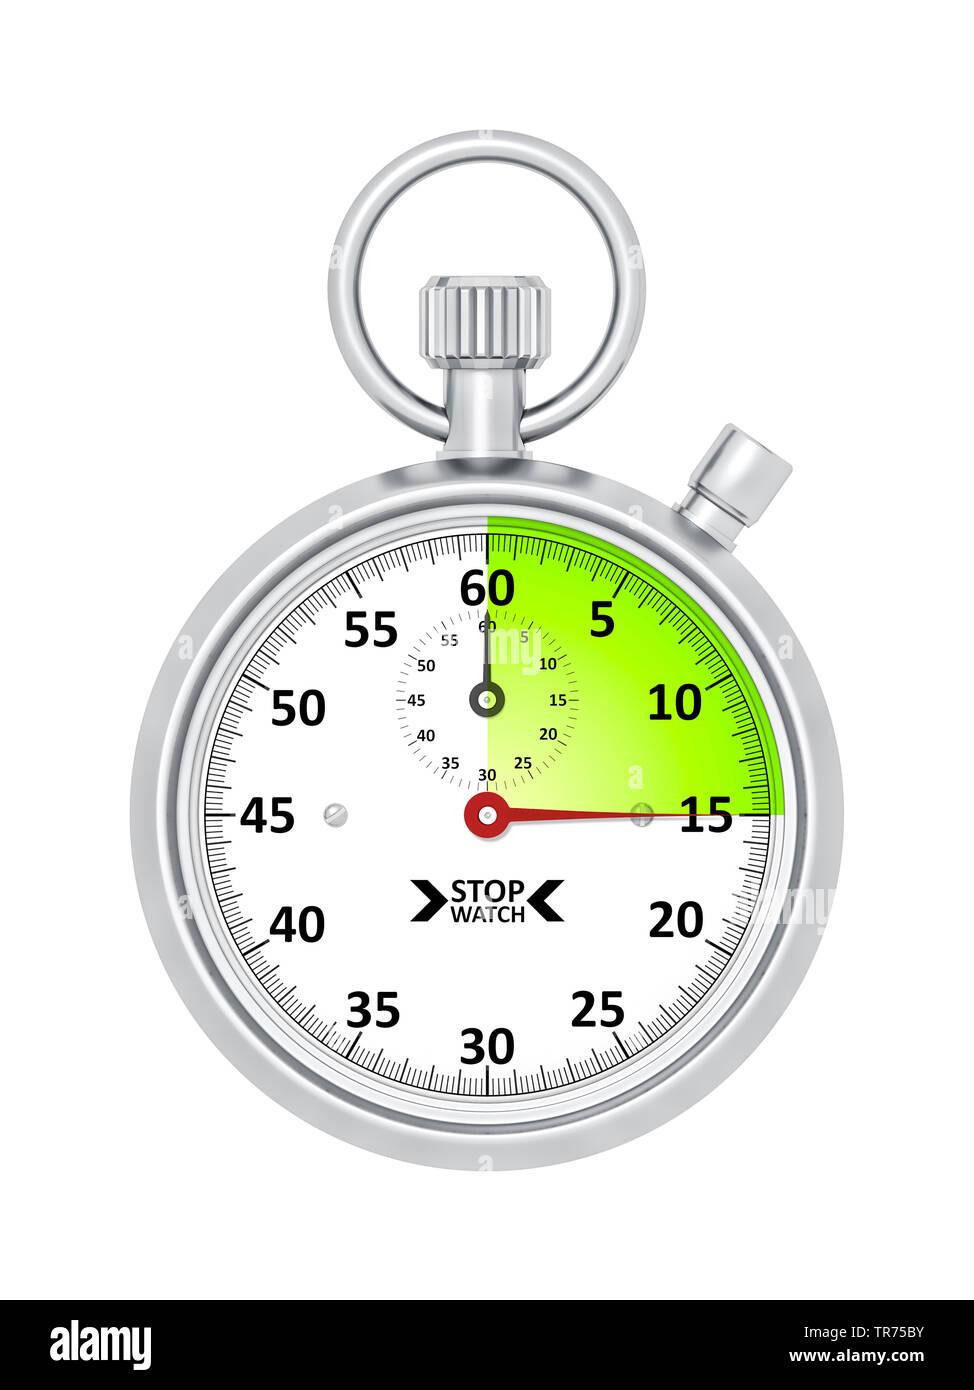 silberne Stoppuhr vor weissem Hintergrund, die etwa 15 Sekunden anzeigt | silver stopclock, cutout, 15 seconds  | BLWS498279.jpg [ (c) blickwinkel/McP - Stock Image